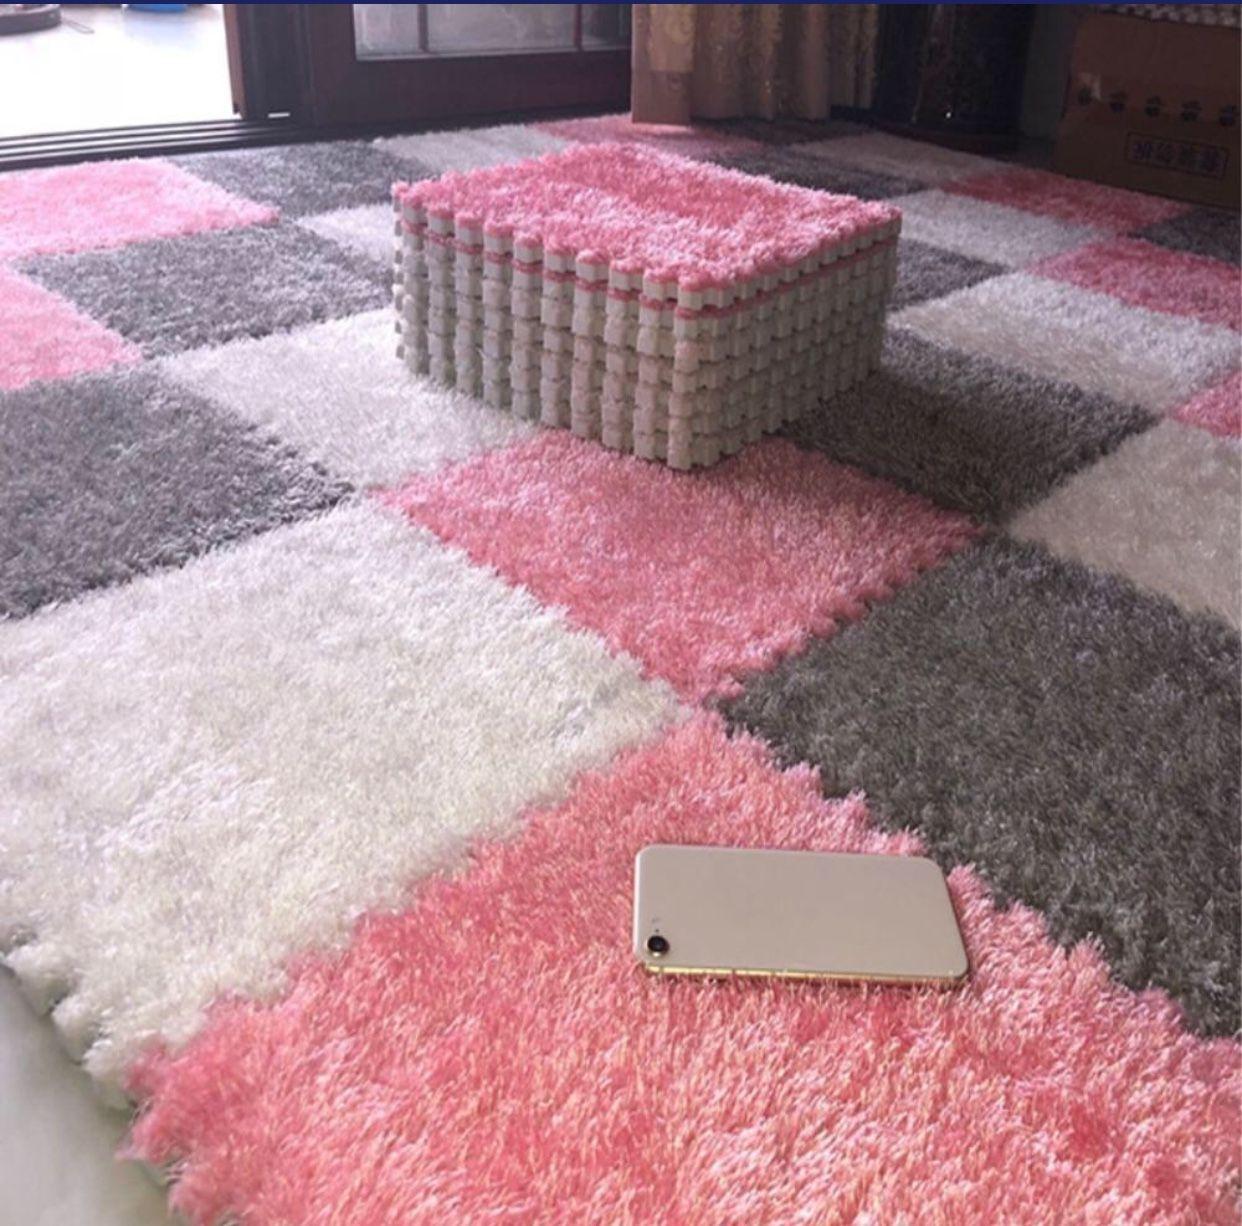 Premium Carpet Puzzle Style Puzzle Mat Diy Rug Interlocking Carpet Tile